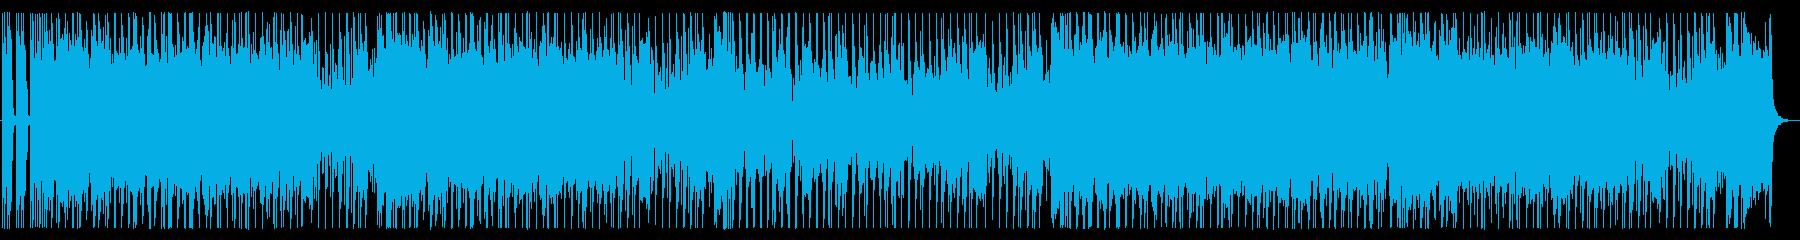 ハプニングの為のブギウギ・ギターロックの再生済みの波形